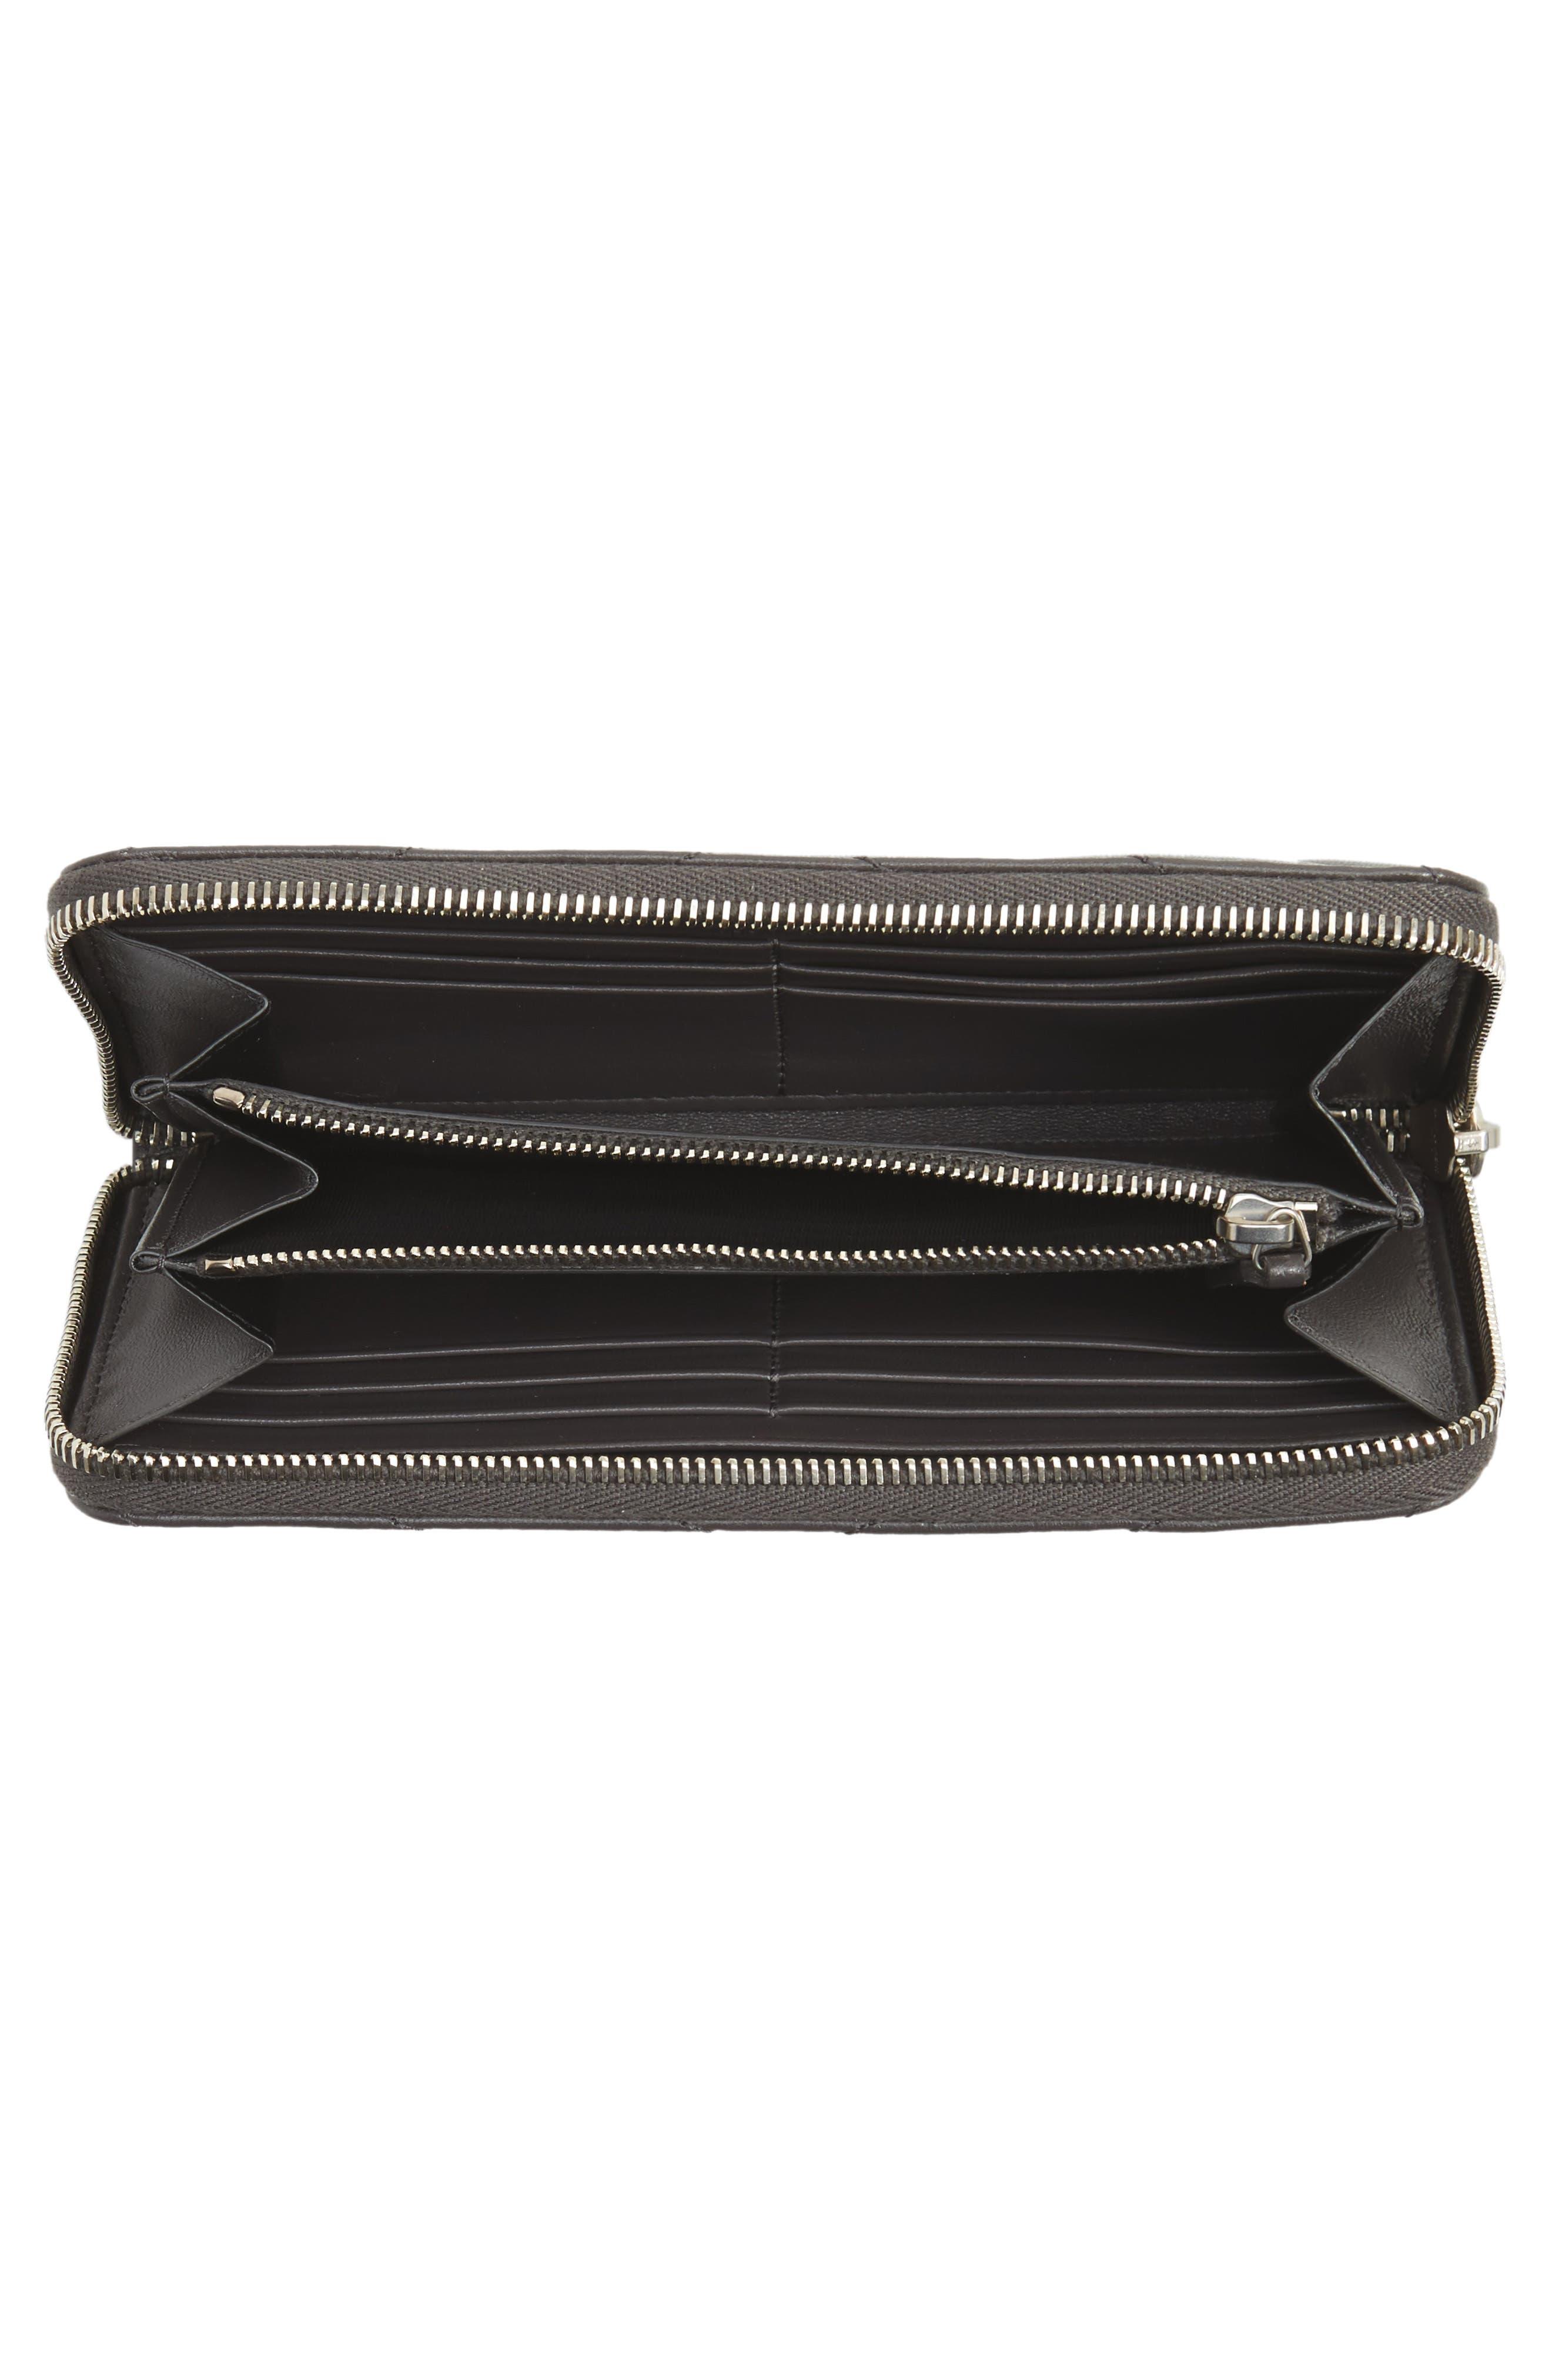 Alternate Image 2  - Saint Laurent Loulou Matelassé Leather Zip-Around Wallet